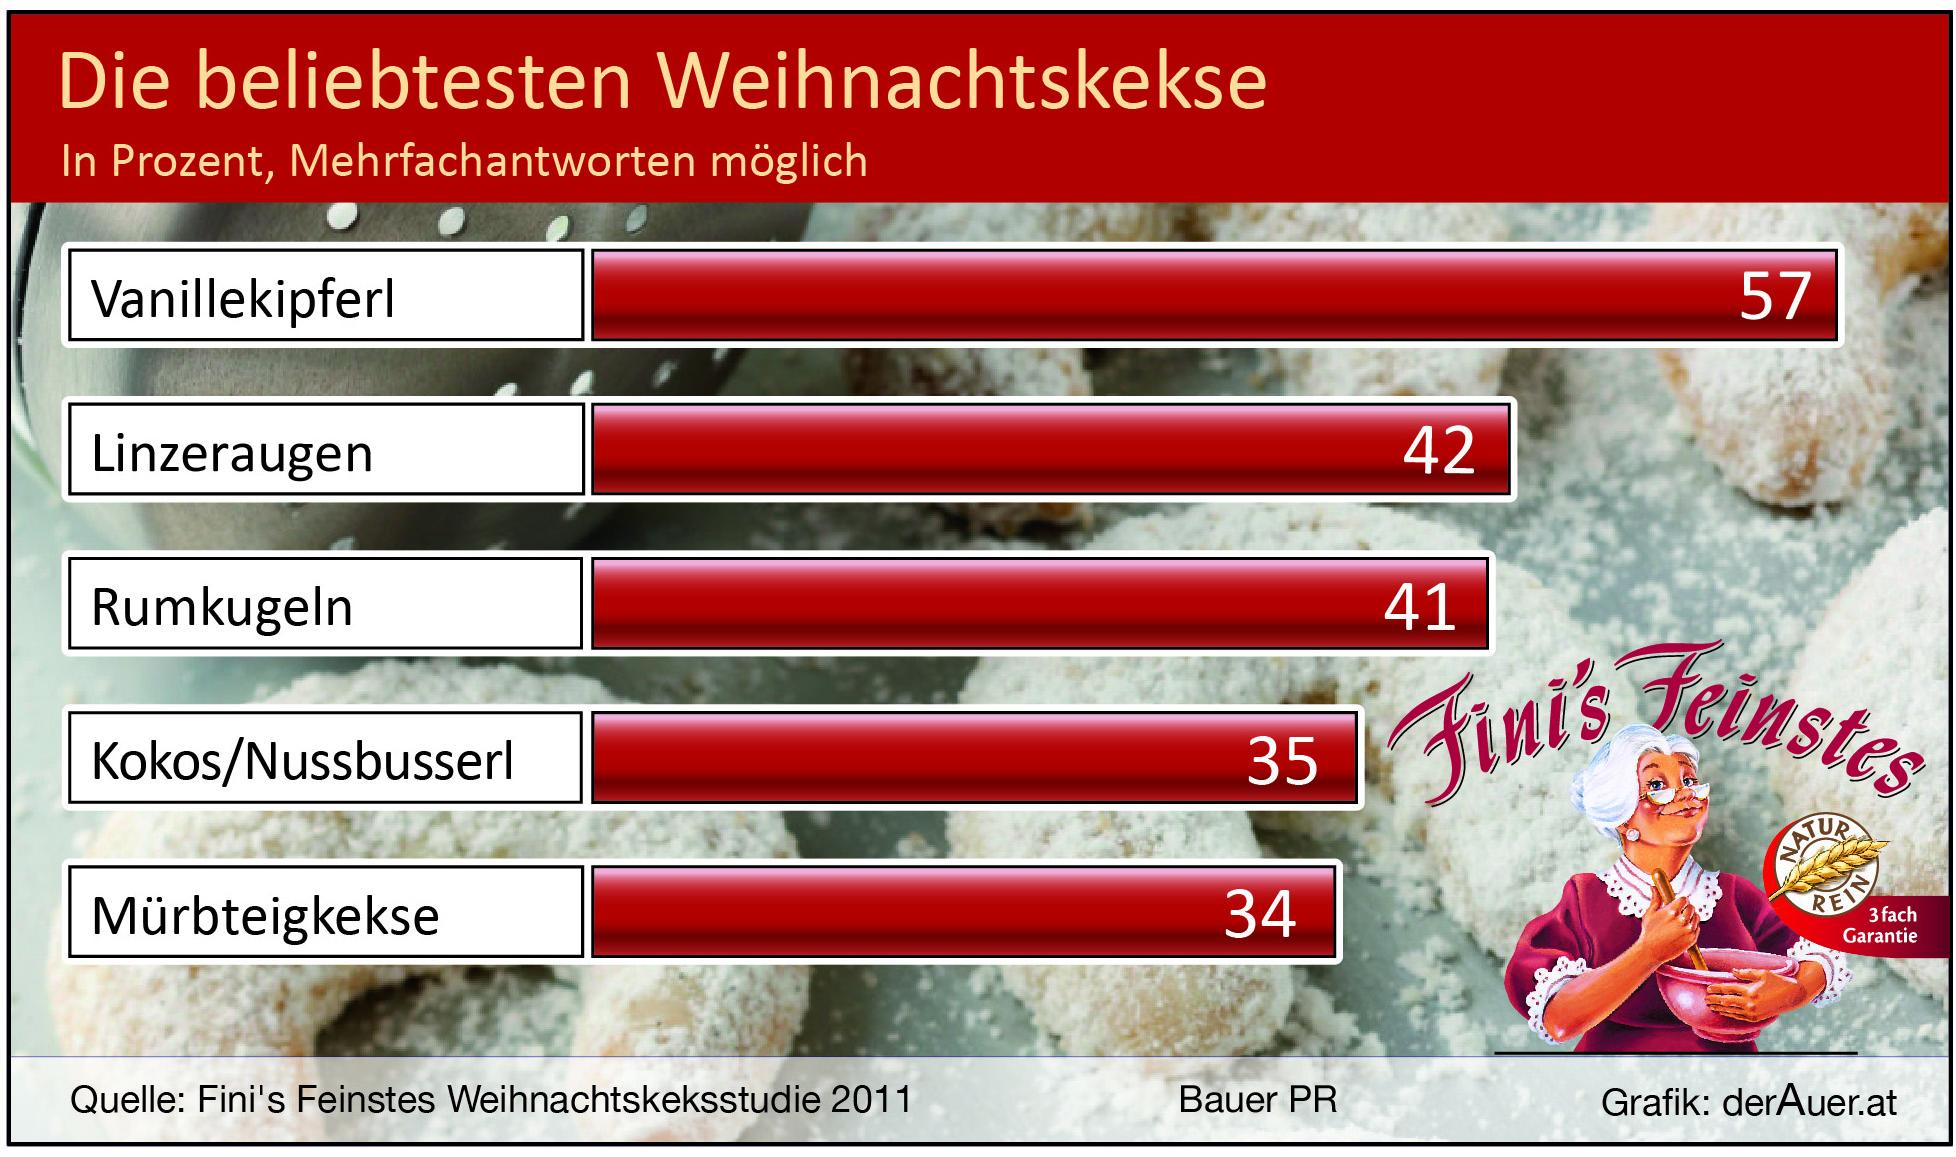 Beliebtesten Weihnachtskekse.Dr Viktor Bauer Pr Agentur Wien Weihnachtskeks Studie